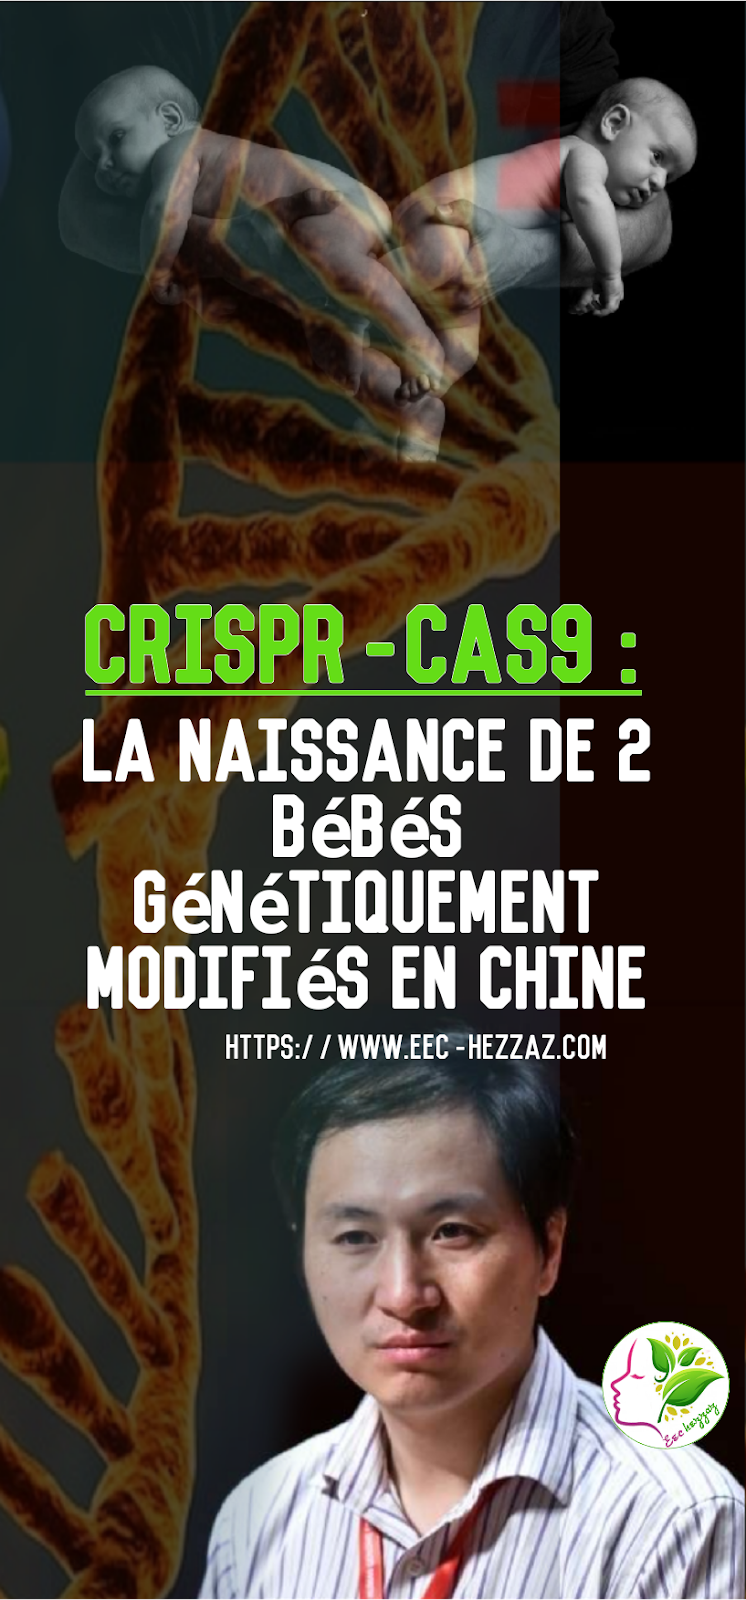 CRISPR-cas9 : la naissance de 2 bébés génétiquement modifiés en Chine